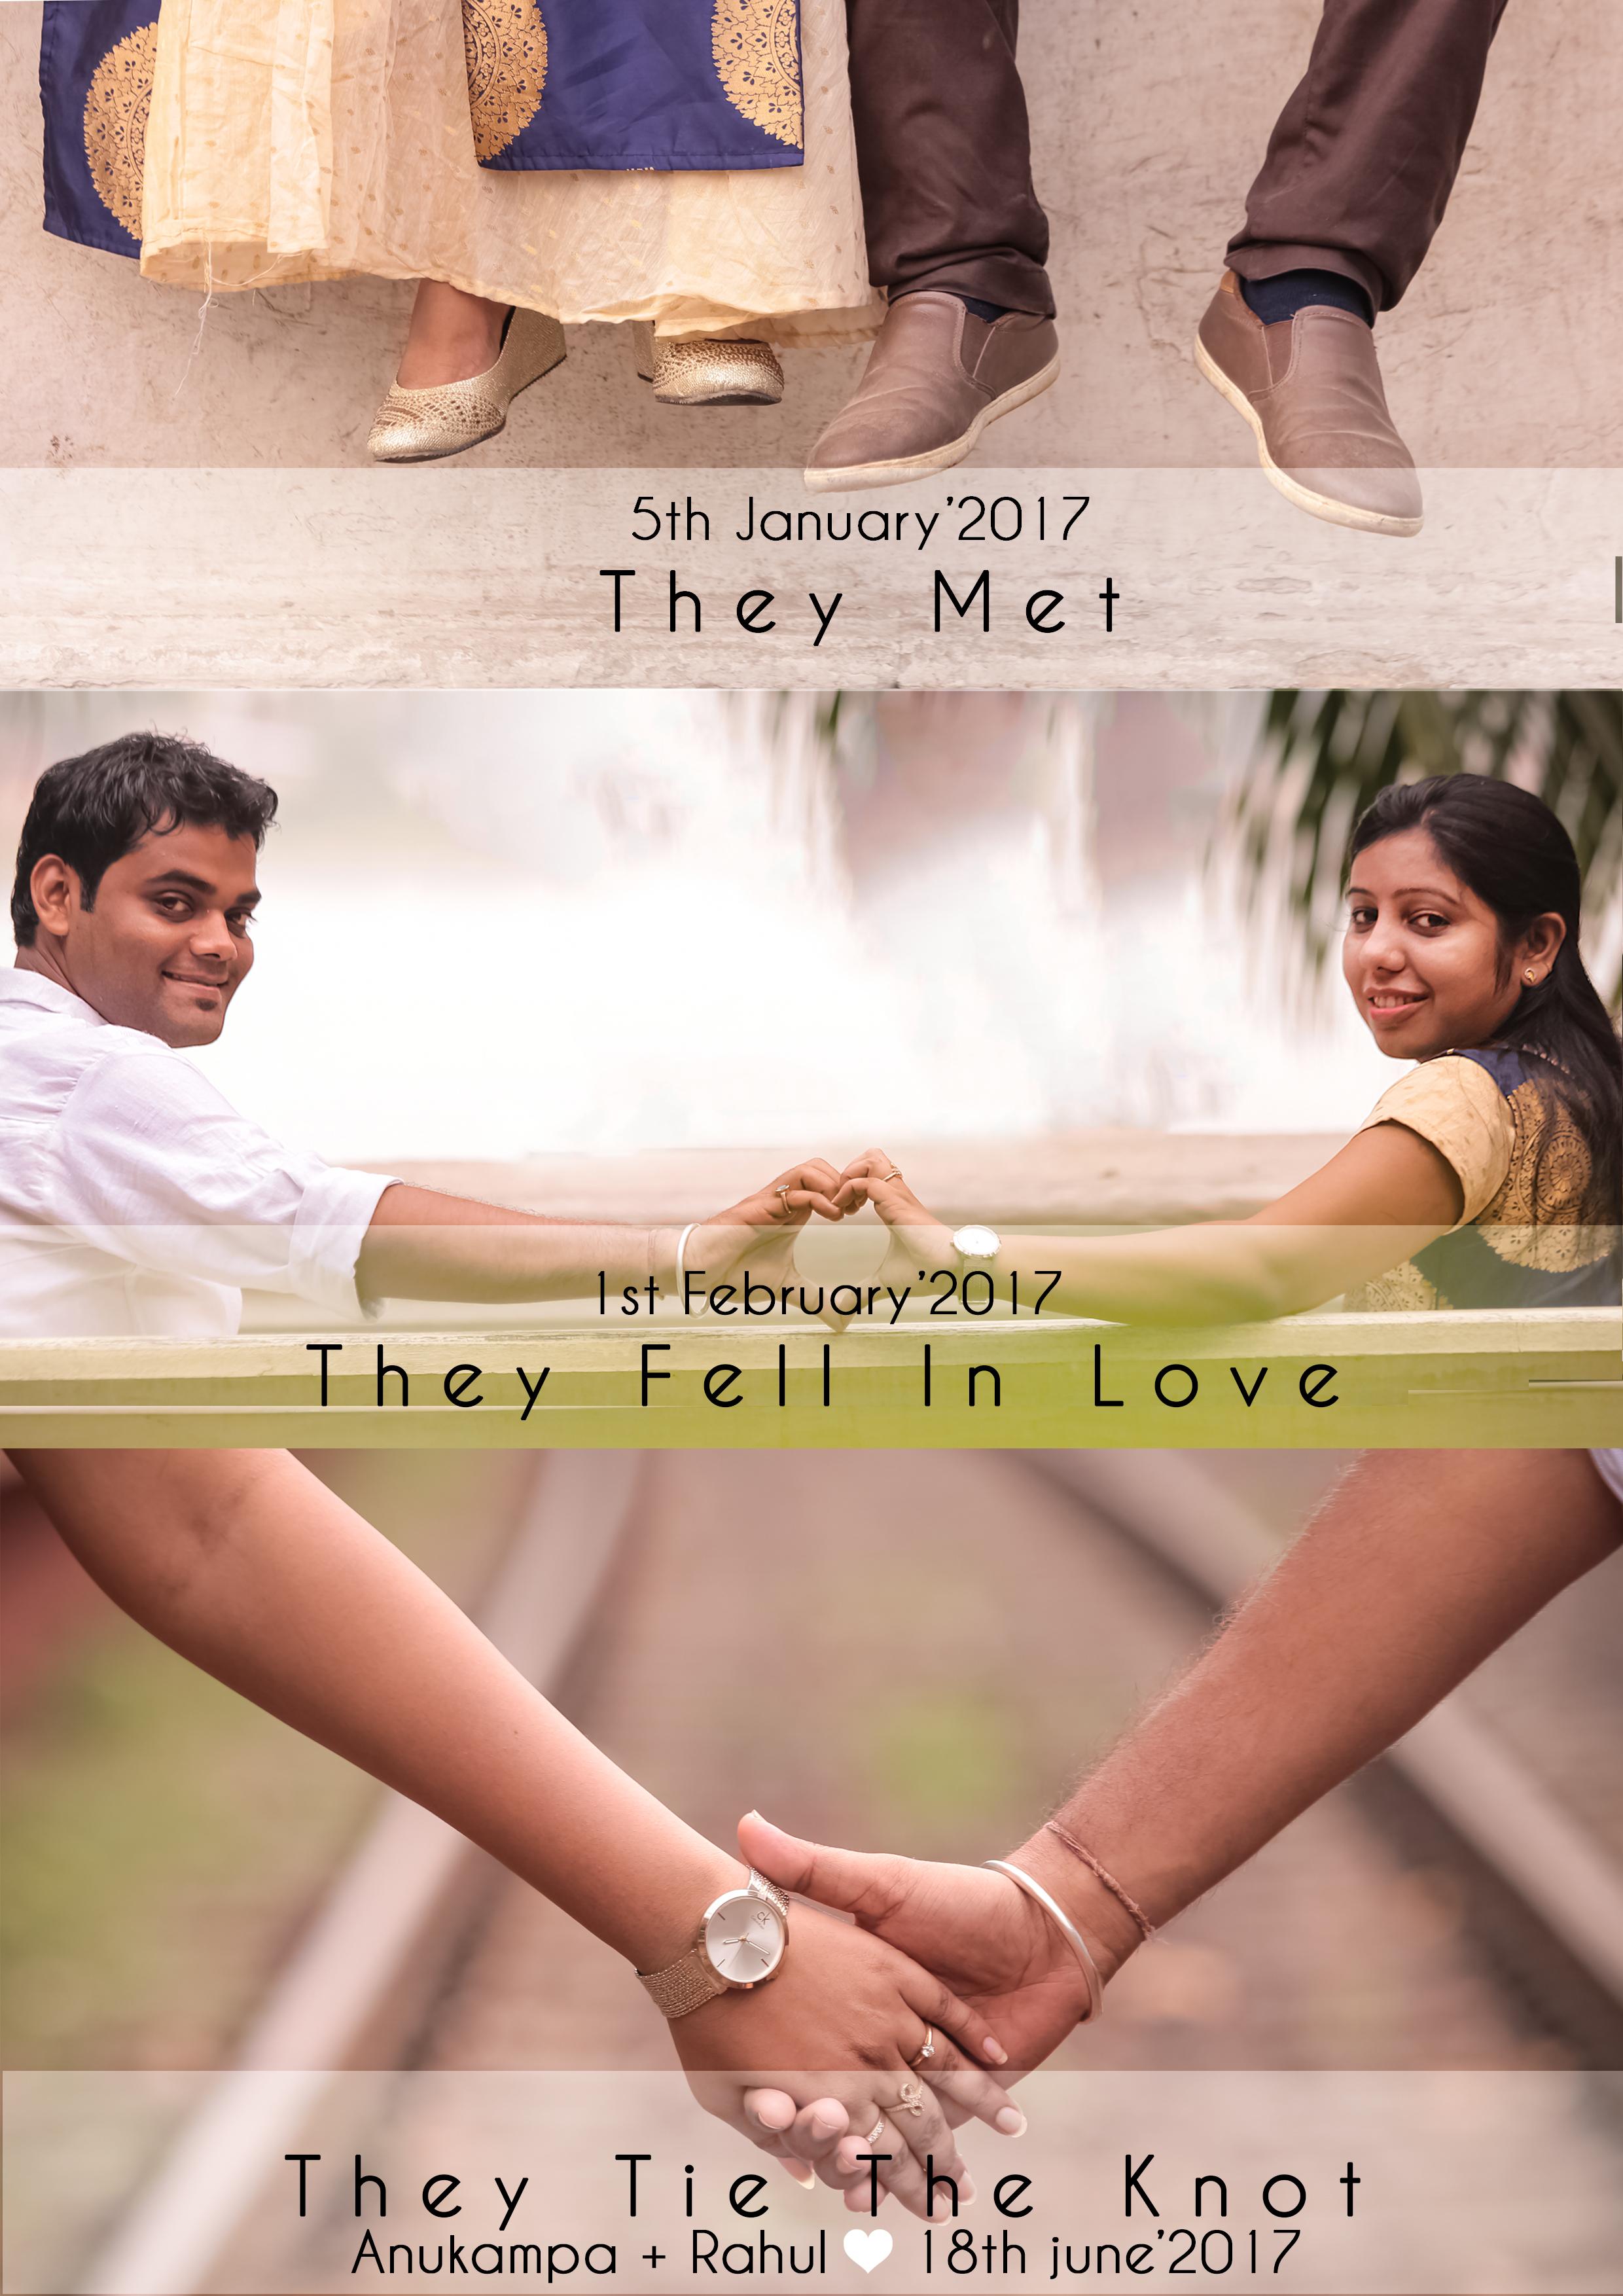 Anukampa & Rahul